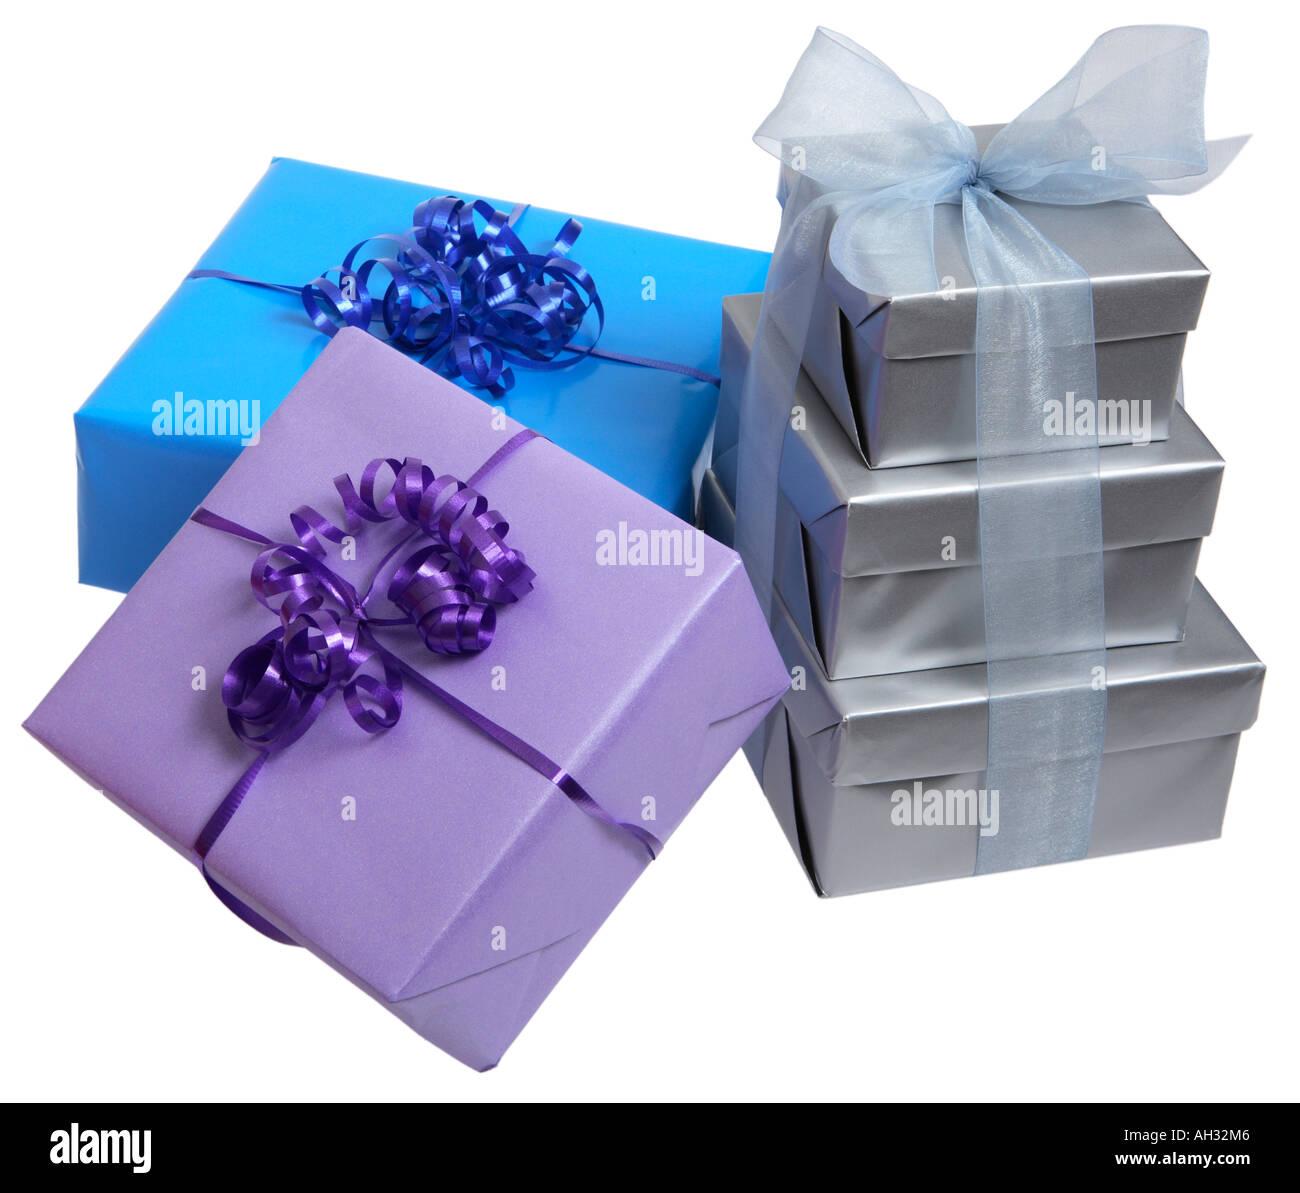 Birthday Presents - Stock Image